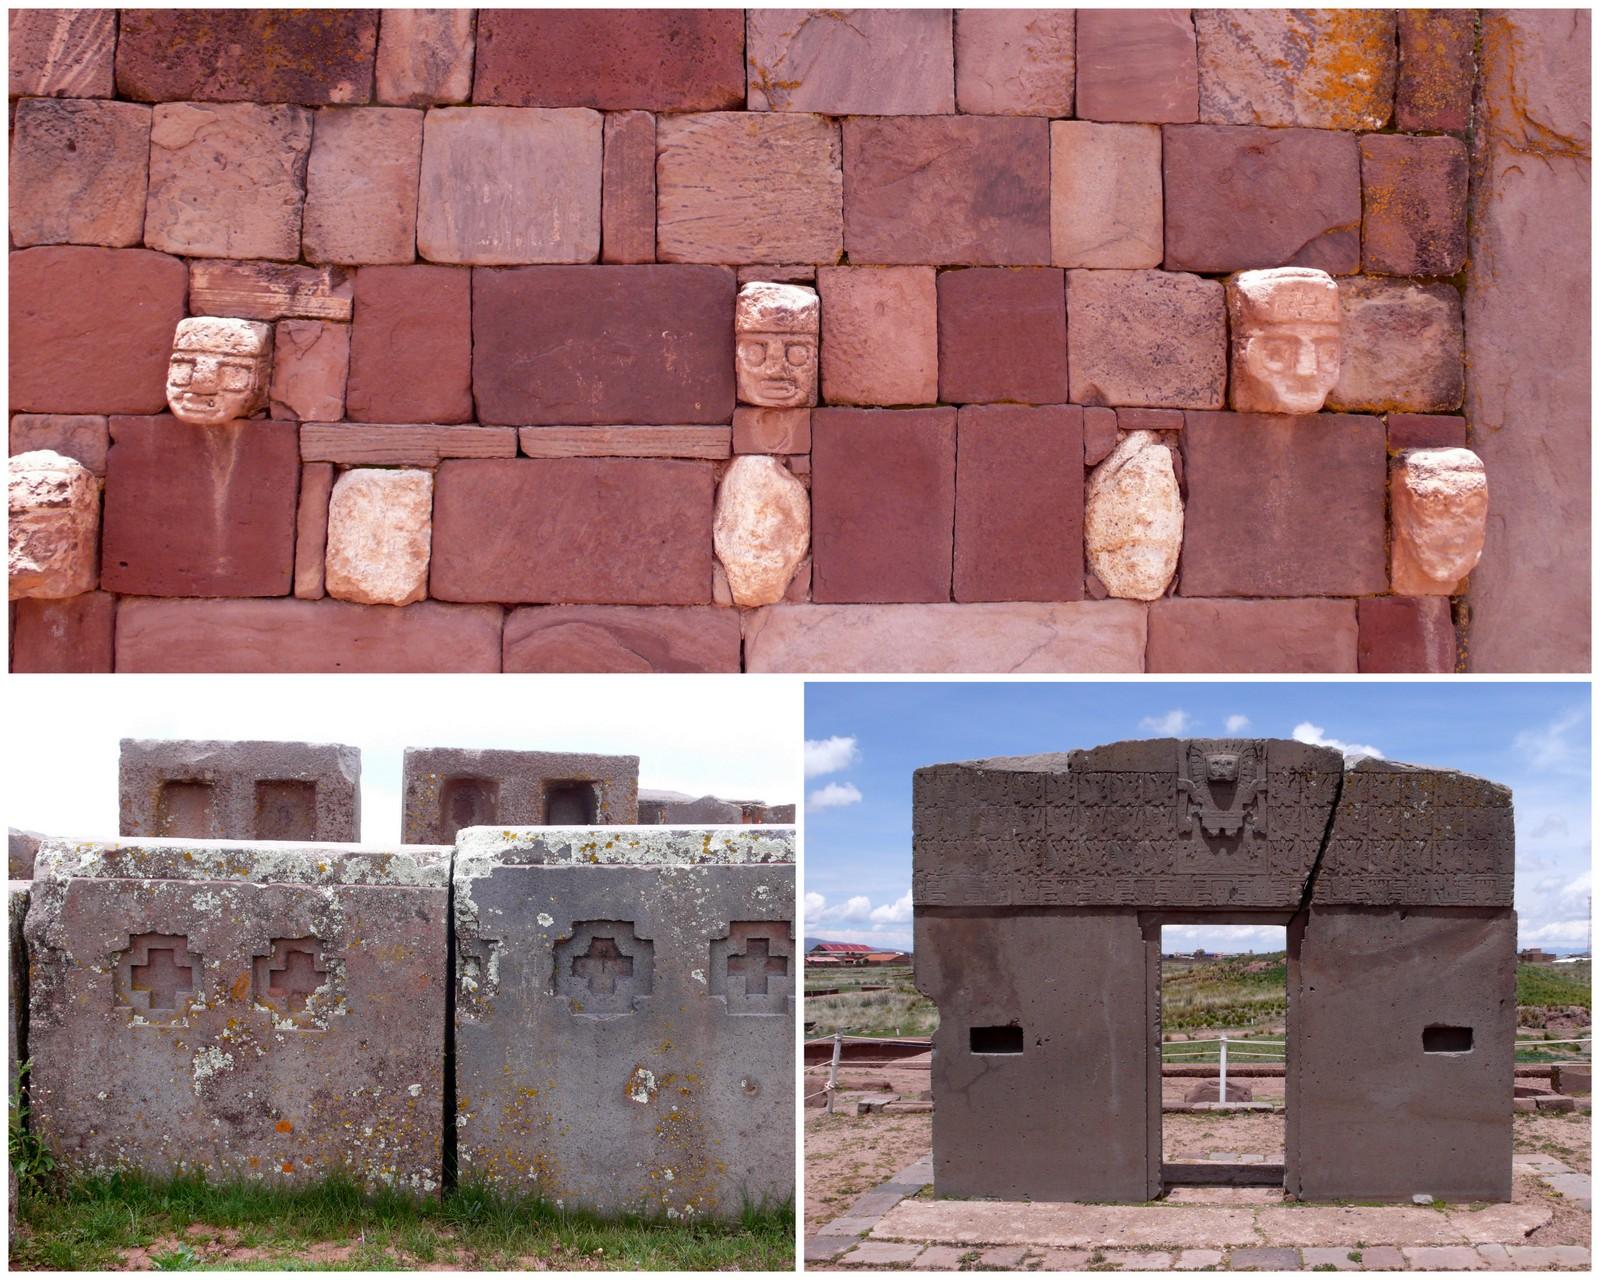 Ylhäällä: Kalasasayan temppelin kiviseinää. Alhaalla oikealla: Auringonportti on 3,8 metriä leveä ja 2,8 metriä korkea. Siinä esiintyvä jumalhahmo Tunupa oli laajalle levinneen uskonnon ja hallintovallan symboli. Tunupalla on ukkosen ja tulen voimat.